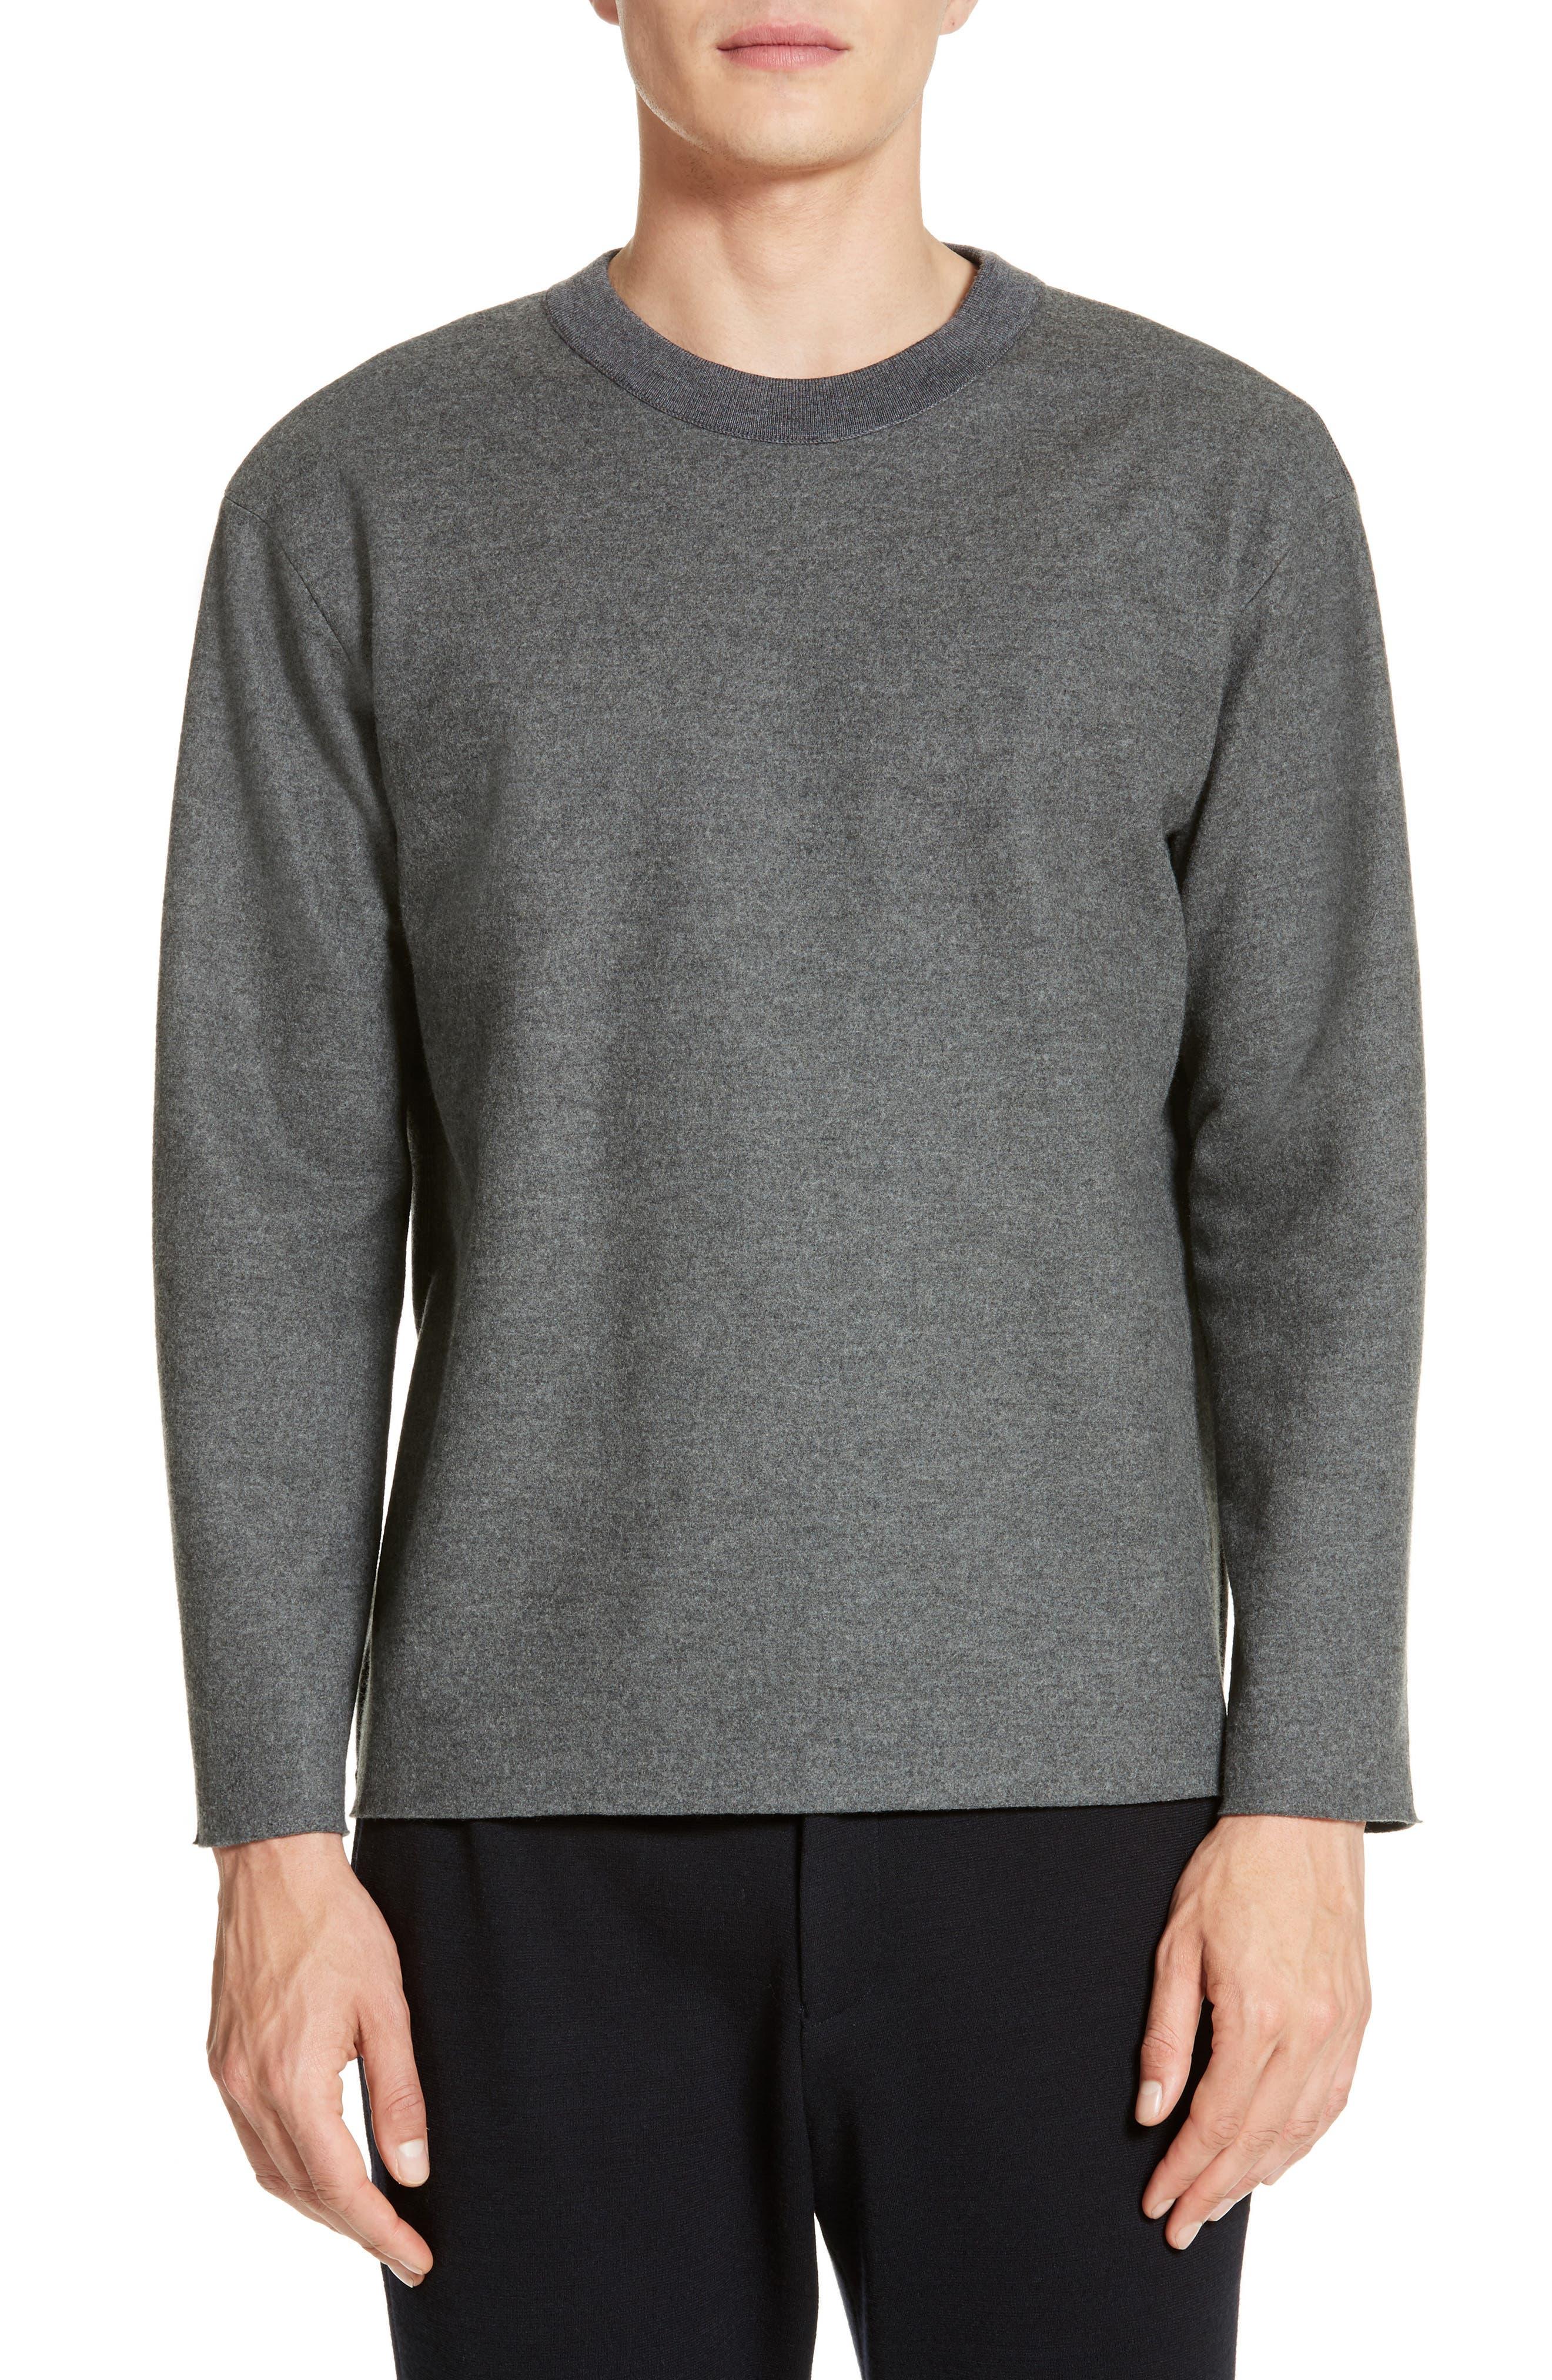 Hyper Compress Sweatshirt,                         Main,                         color, Grey